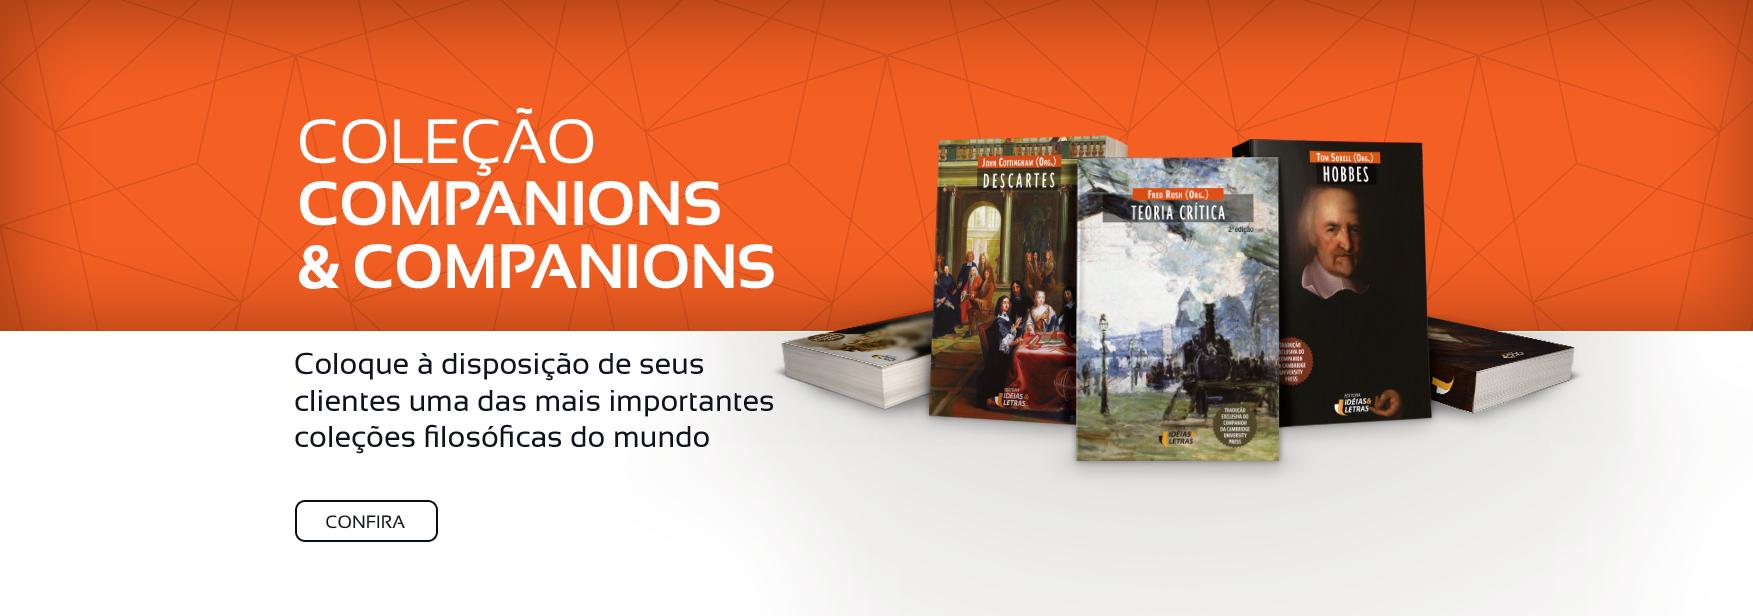 Coleção Companions & Companions